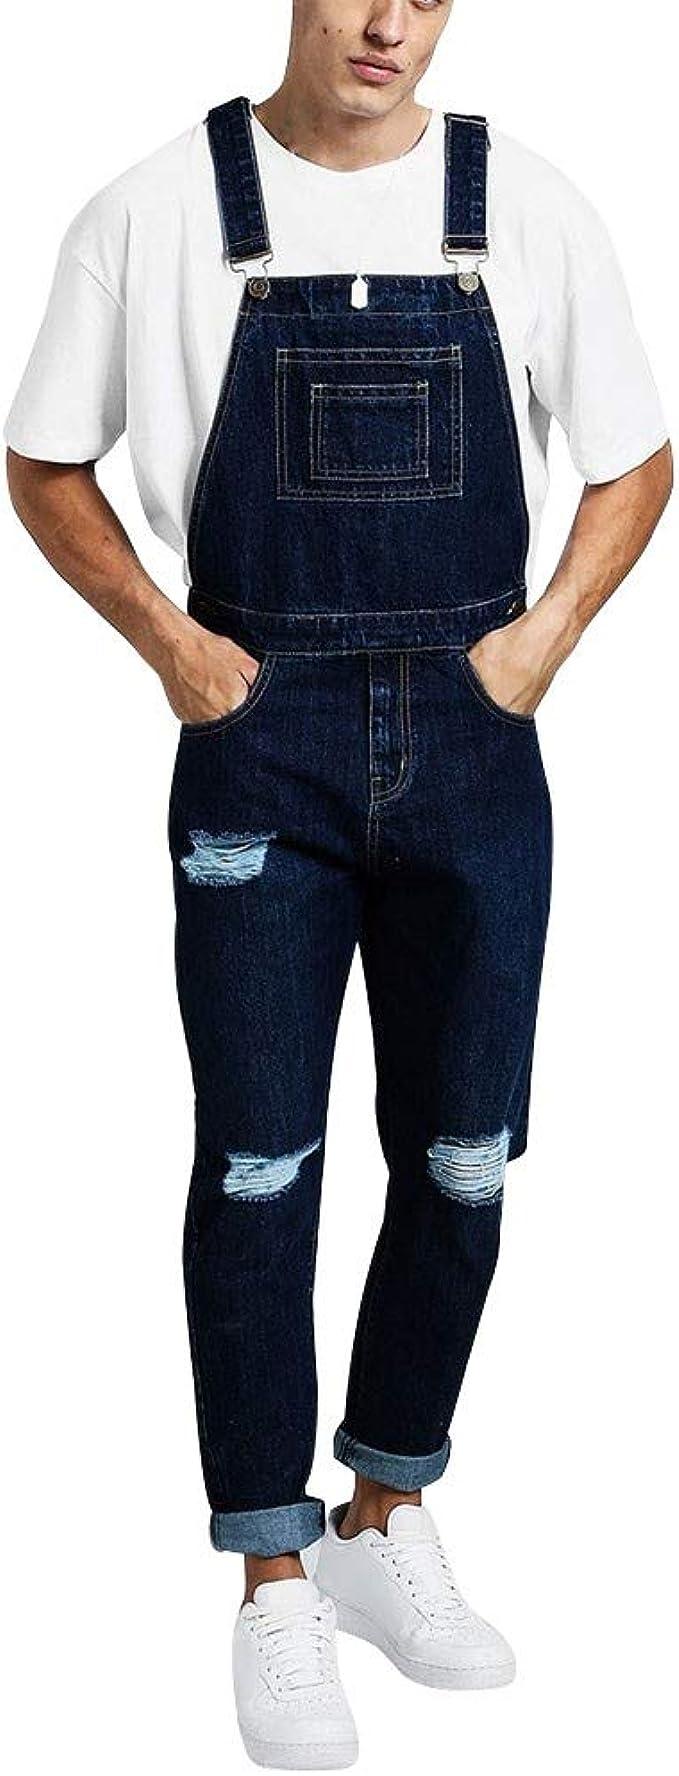 Pantalón Chandal Hombre Mono Vaquero Mezclilla Jumpsuit Tefamore ...